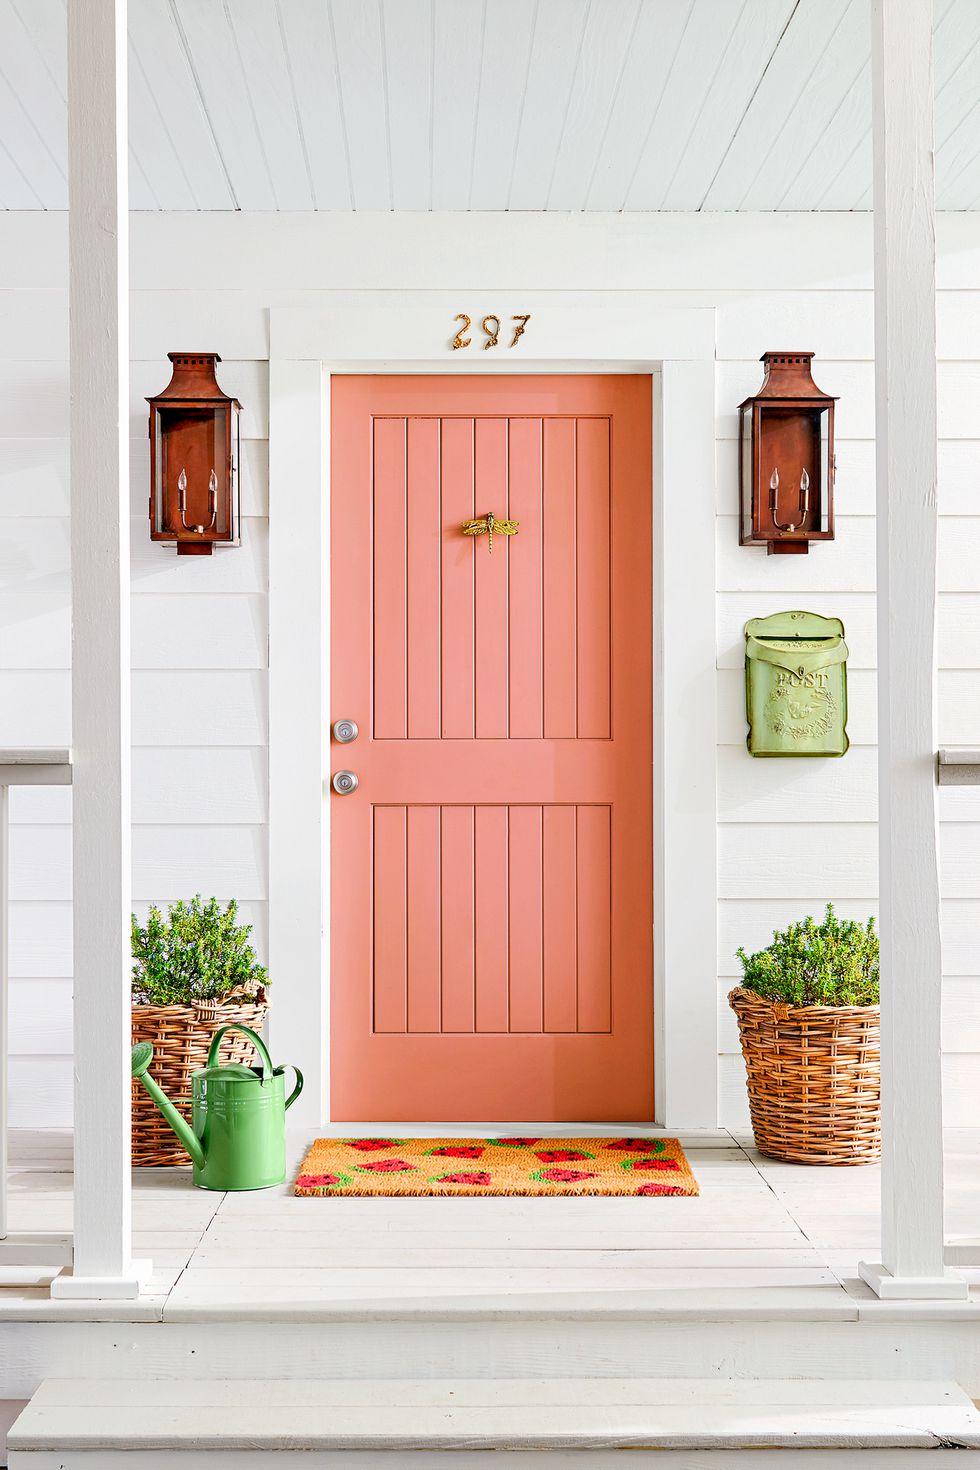 Wohnideen mit Farben und Mustern: Willkommen in die bunte Welt der Wassermelone